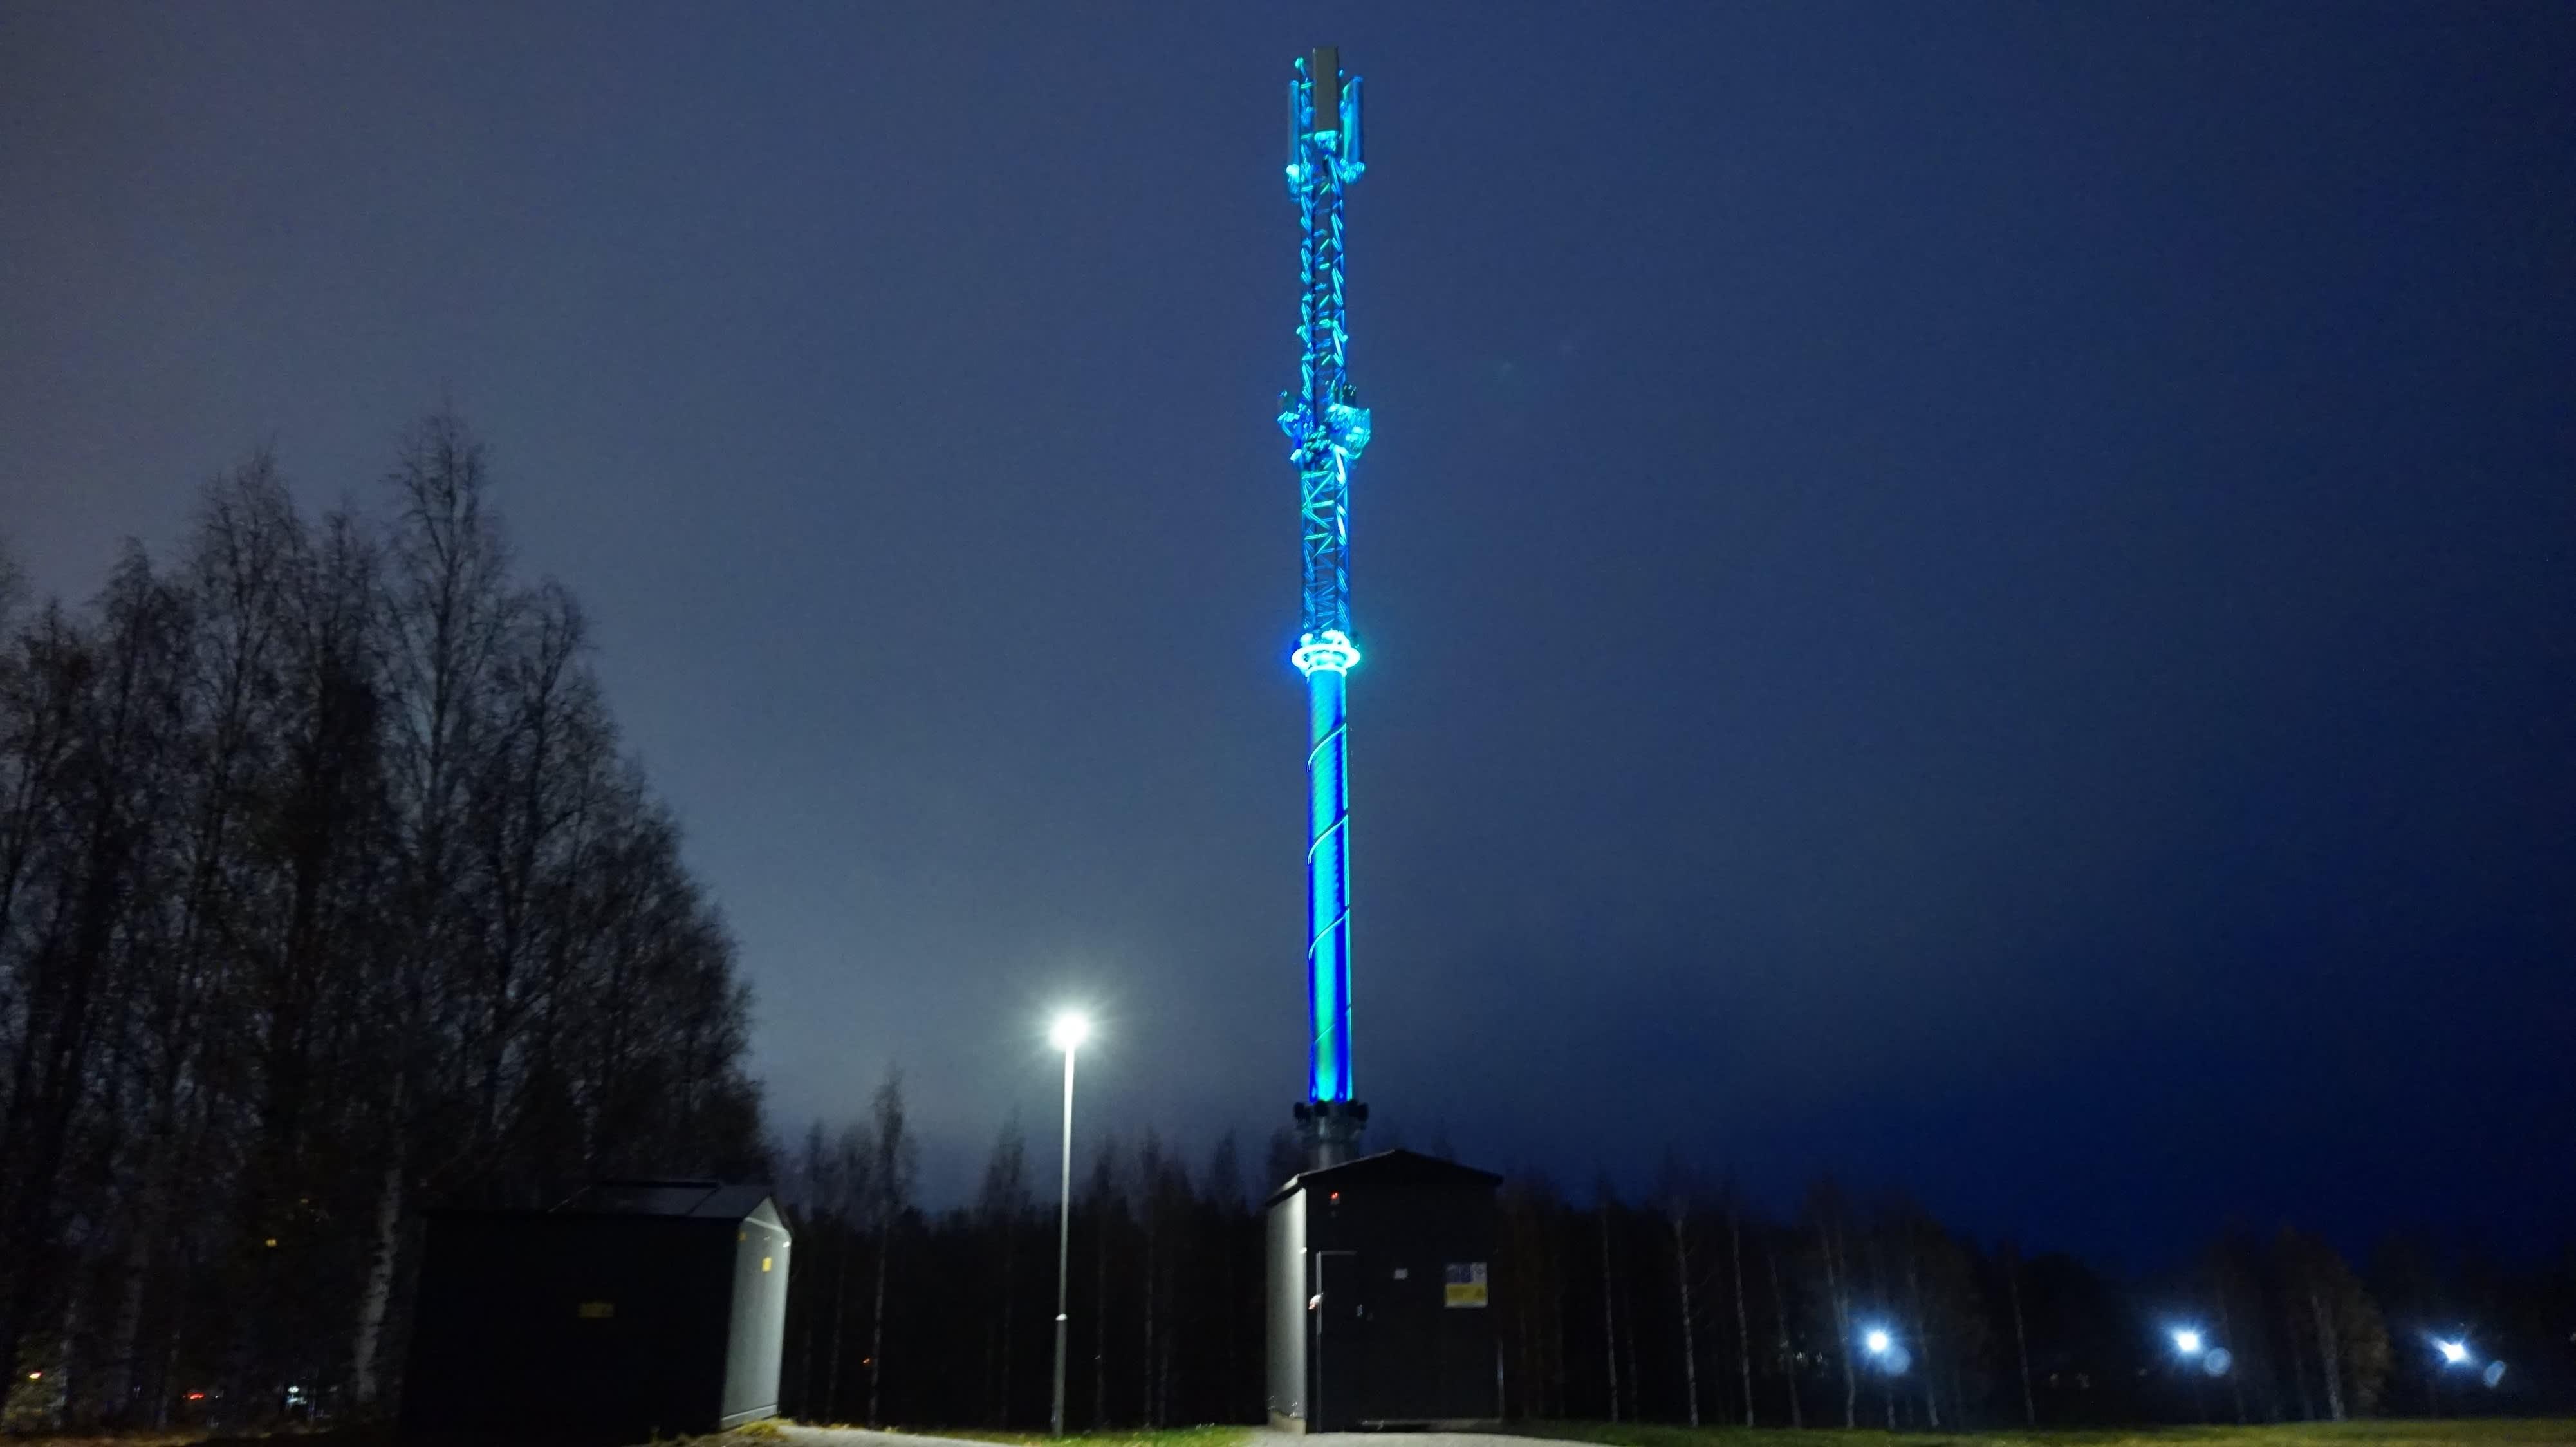 Sinivihreäksi valaistu tietoliikennemasto kohoaa Joensuun Linnunlahdella.